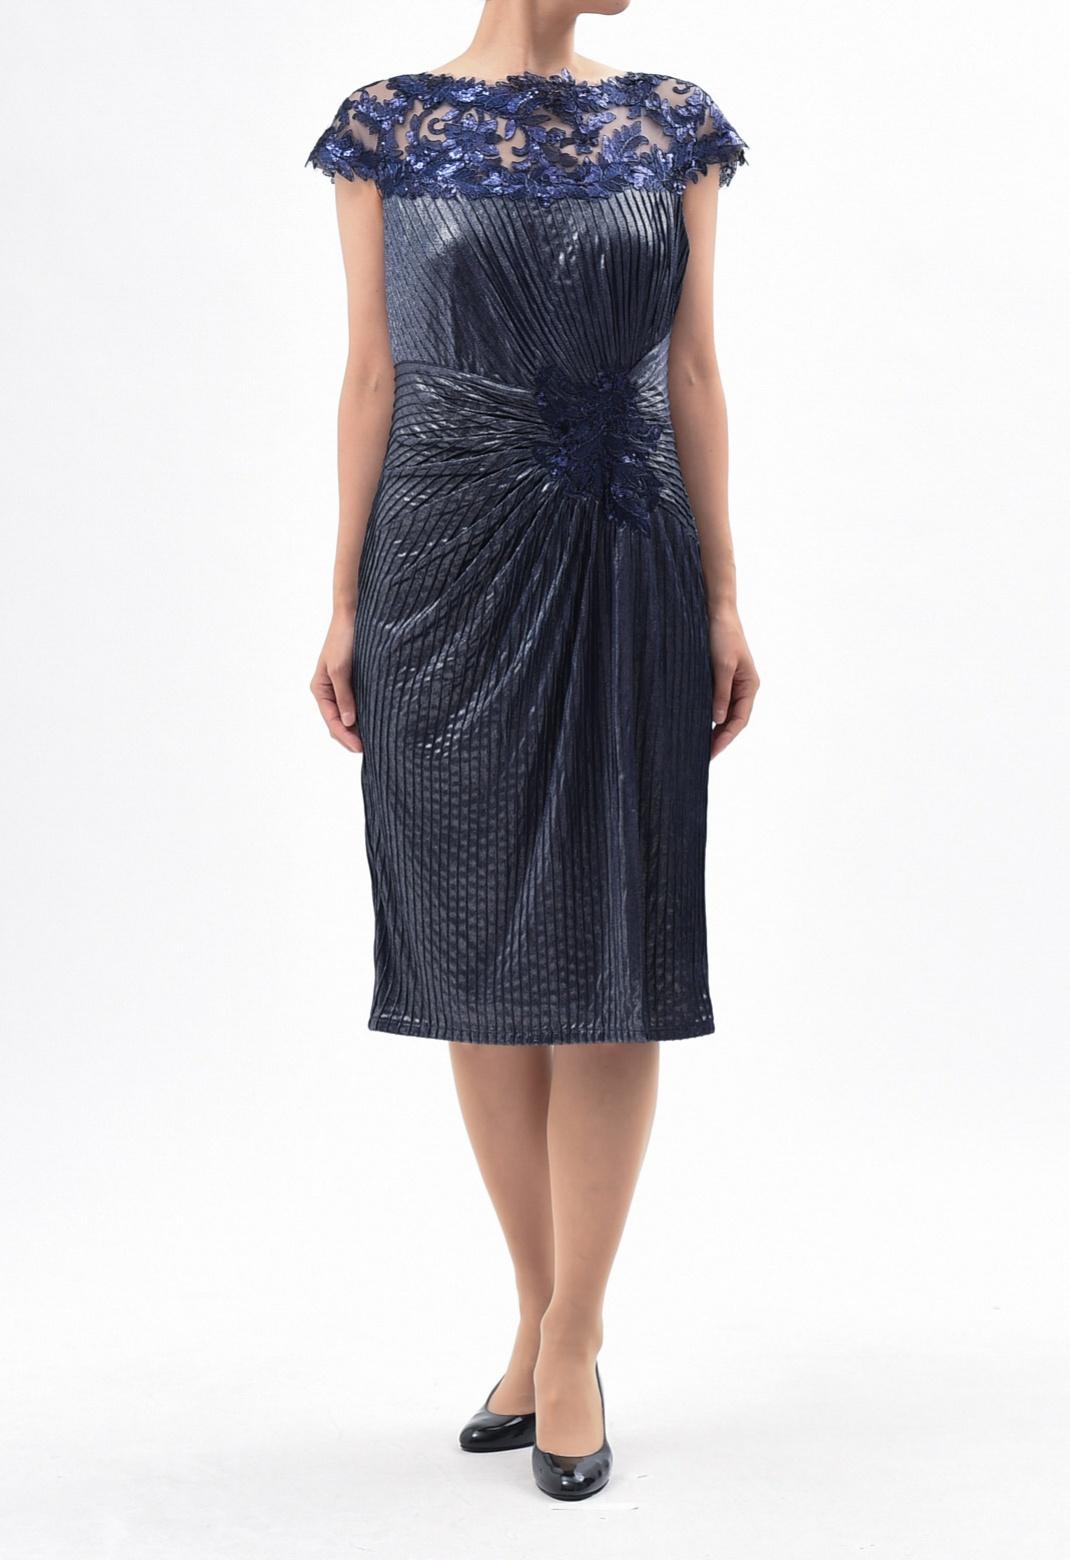 ウエストドレープ スパンコール刺繍 フレンチスリーブ ドレス